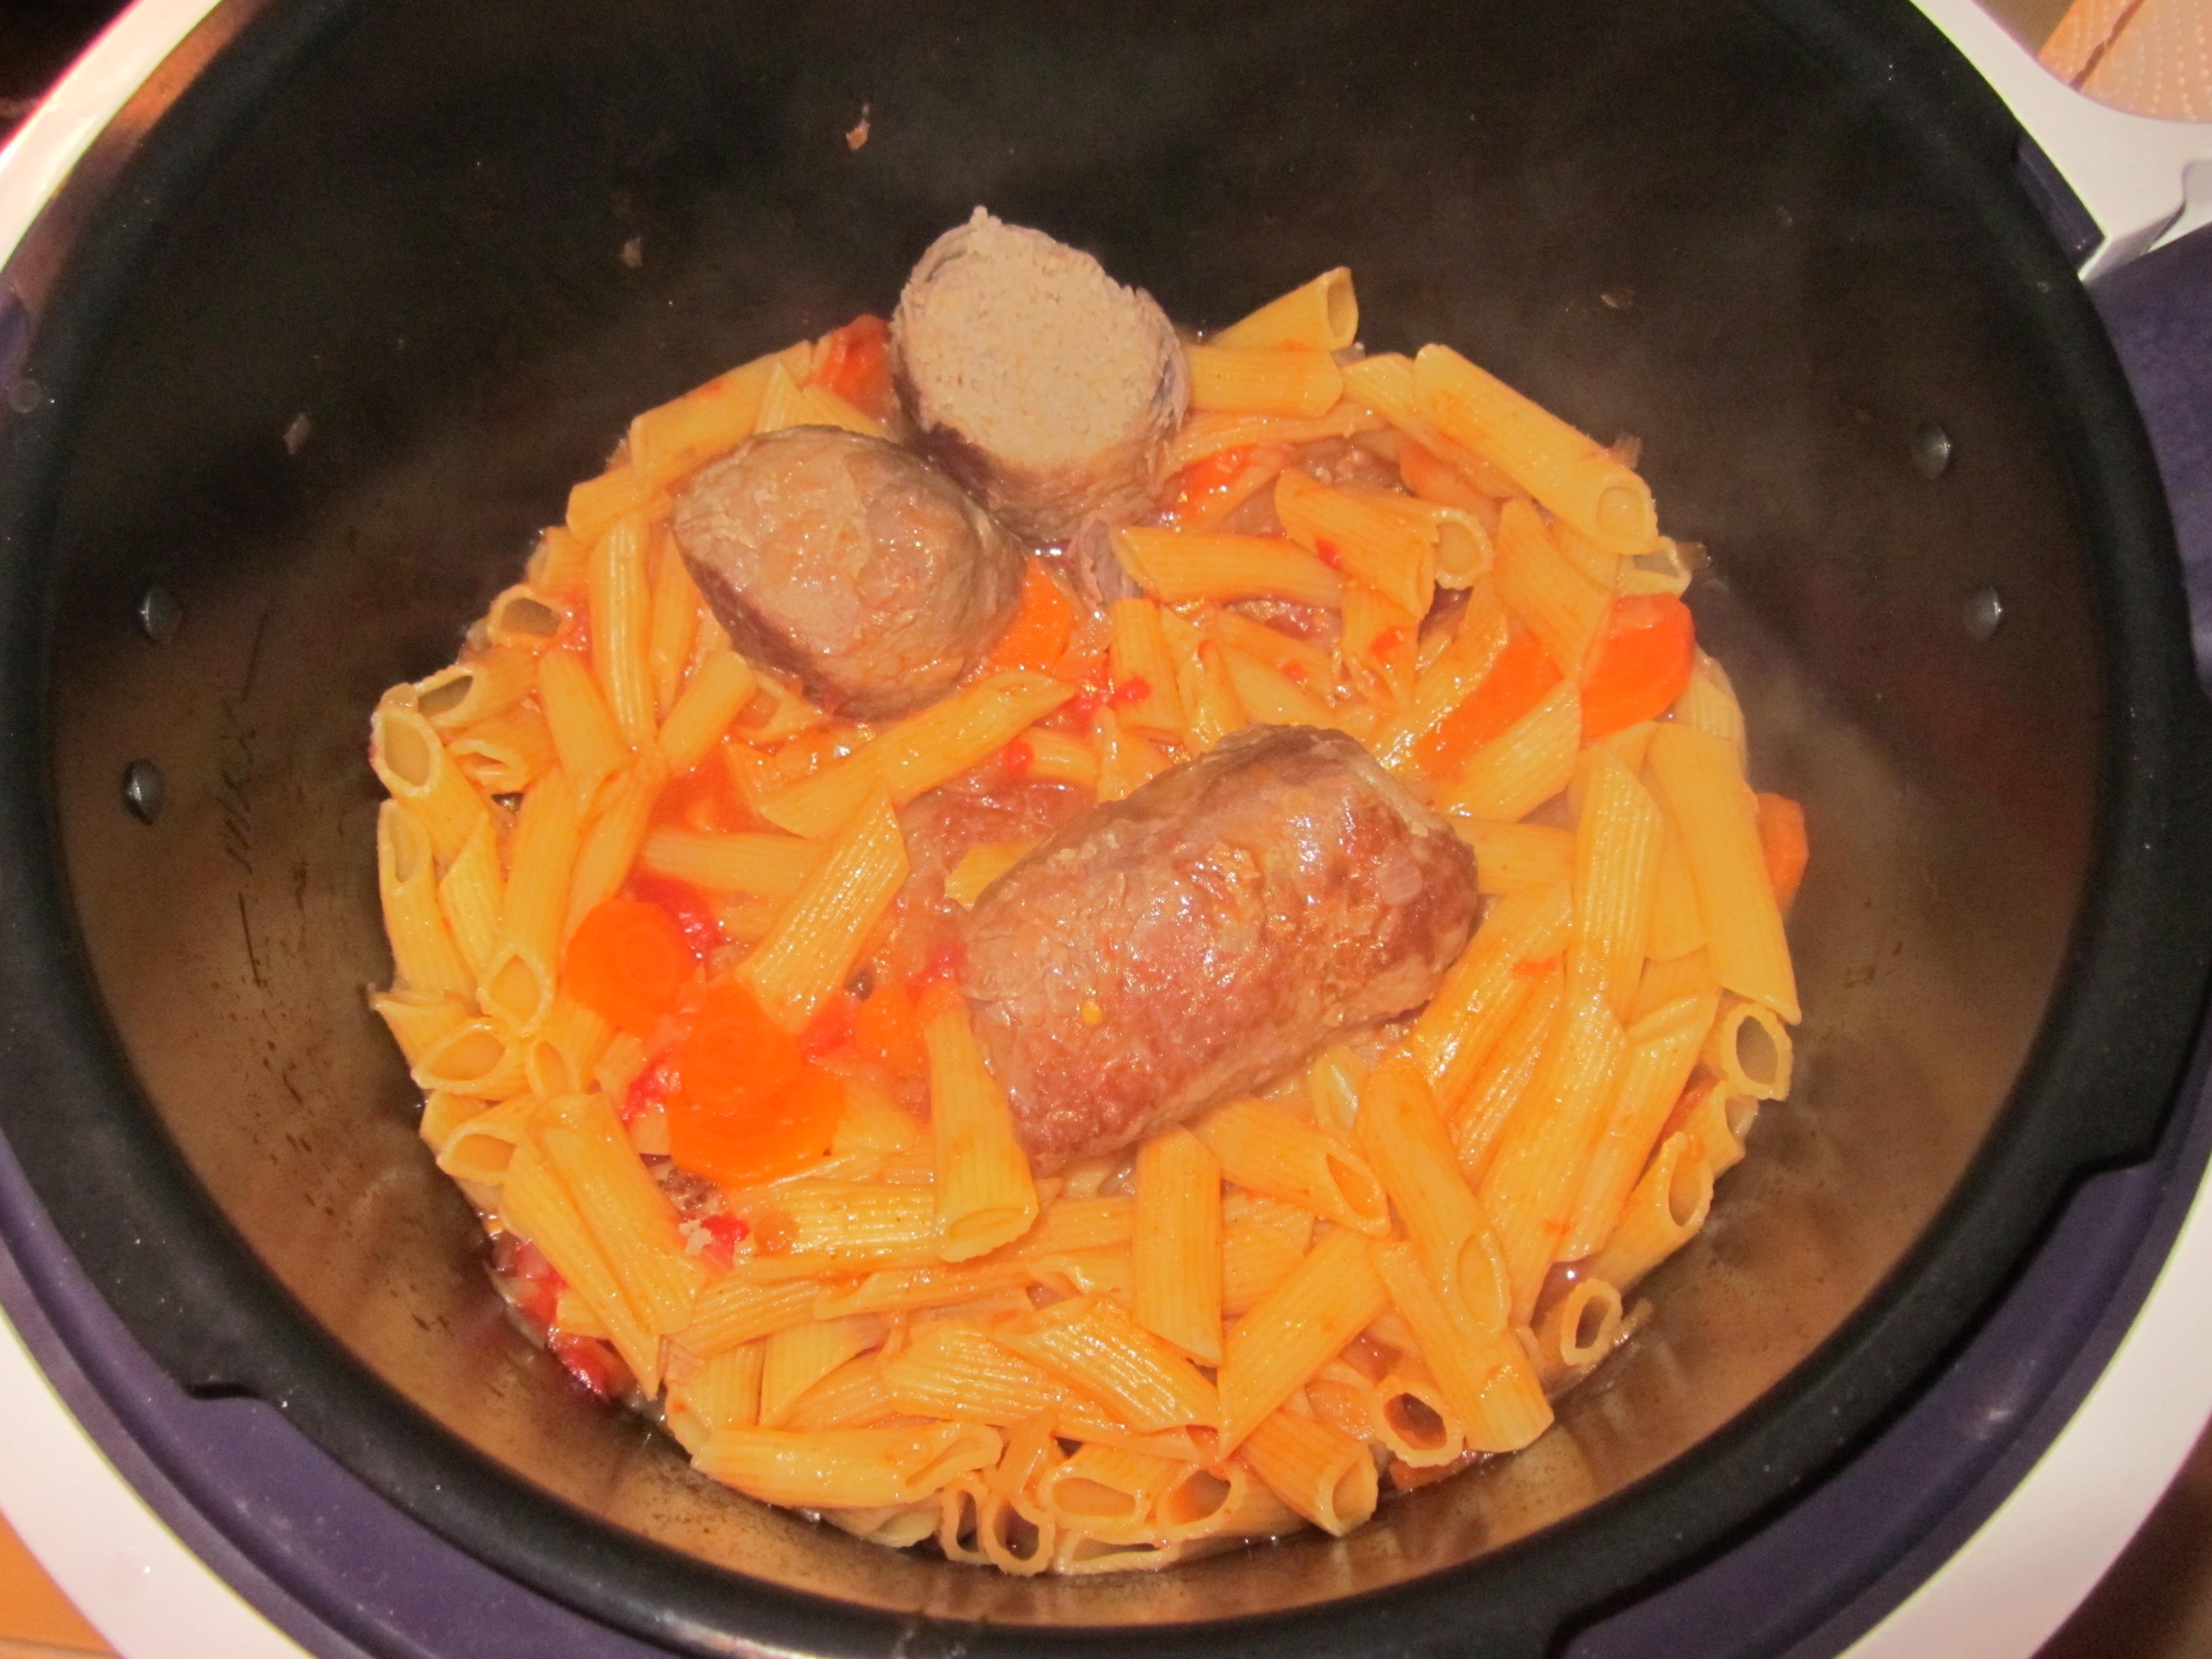 Paupiettes de veau sauce tomate et pennes | Recettes Cookeo on